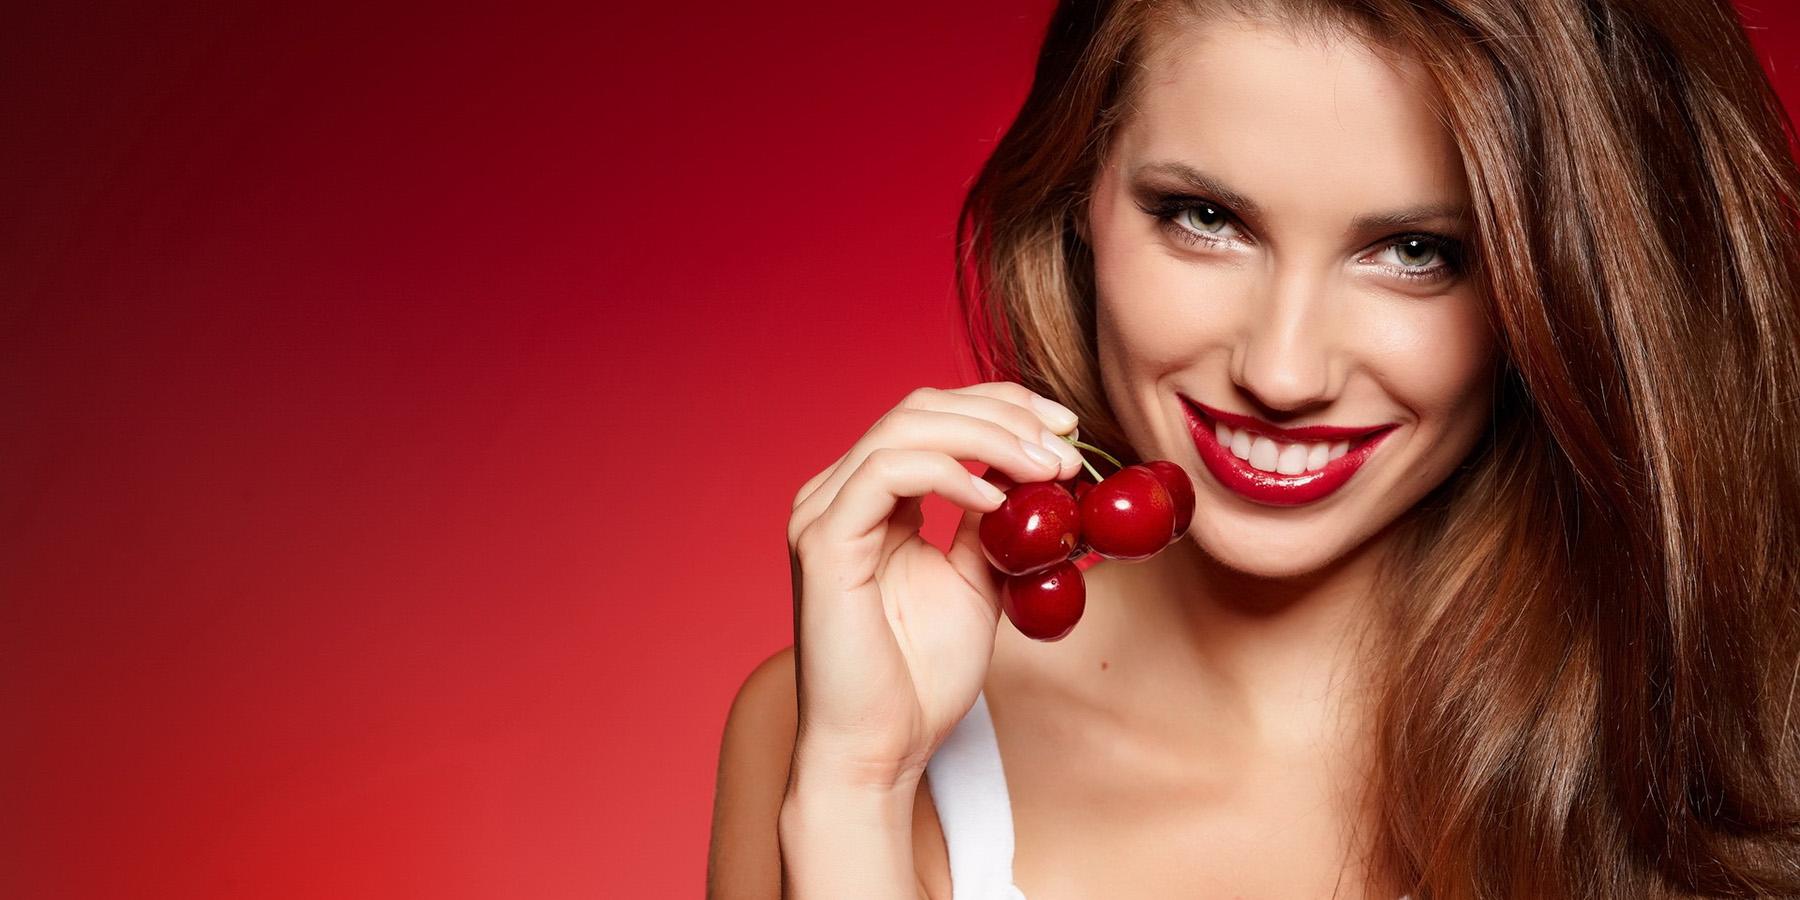 Витамины и минералы для молодости и гладкости вашей кожи